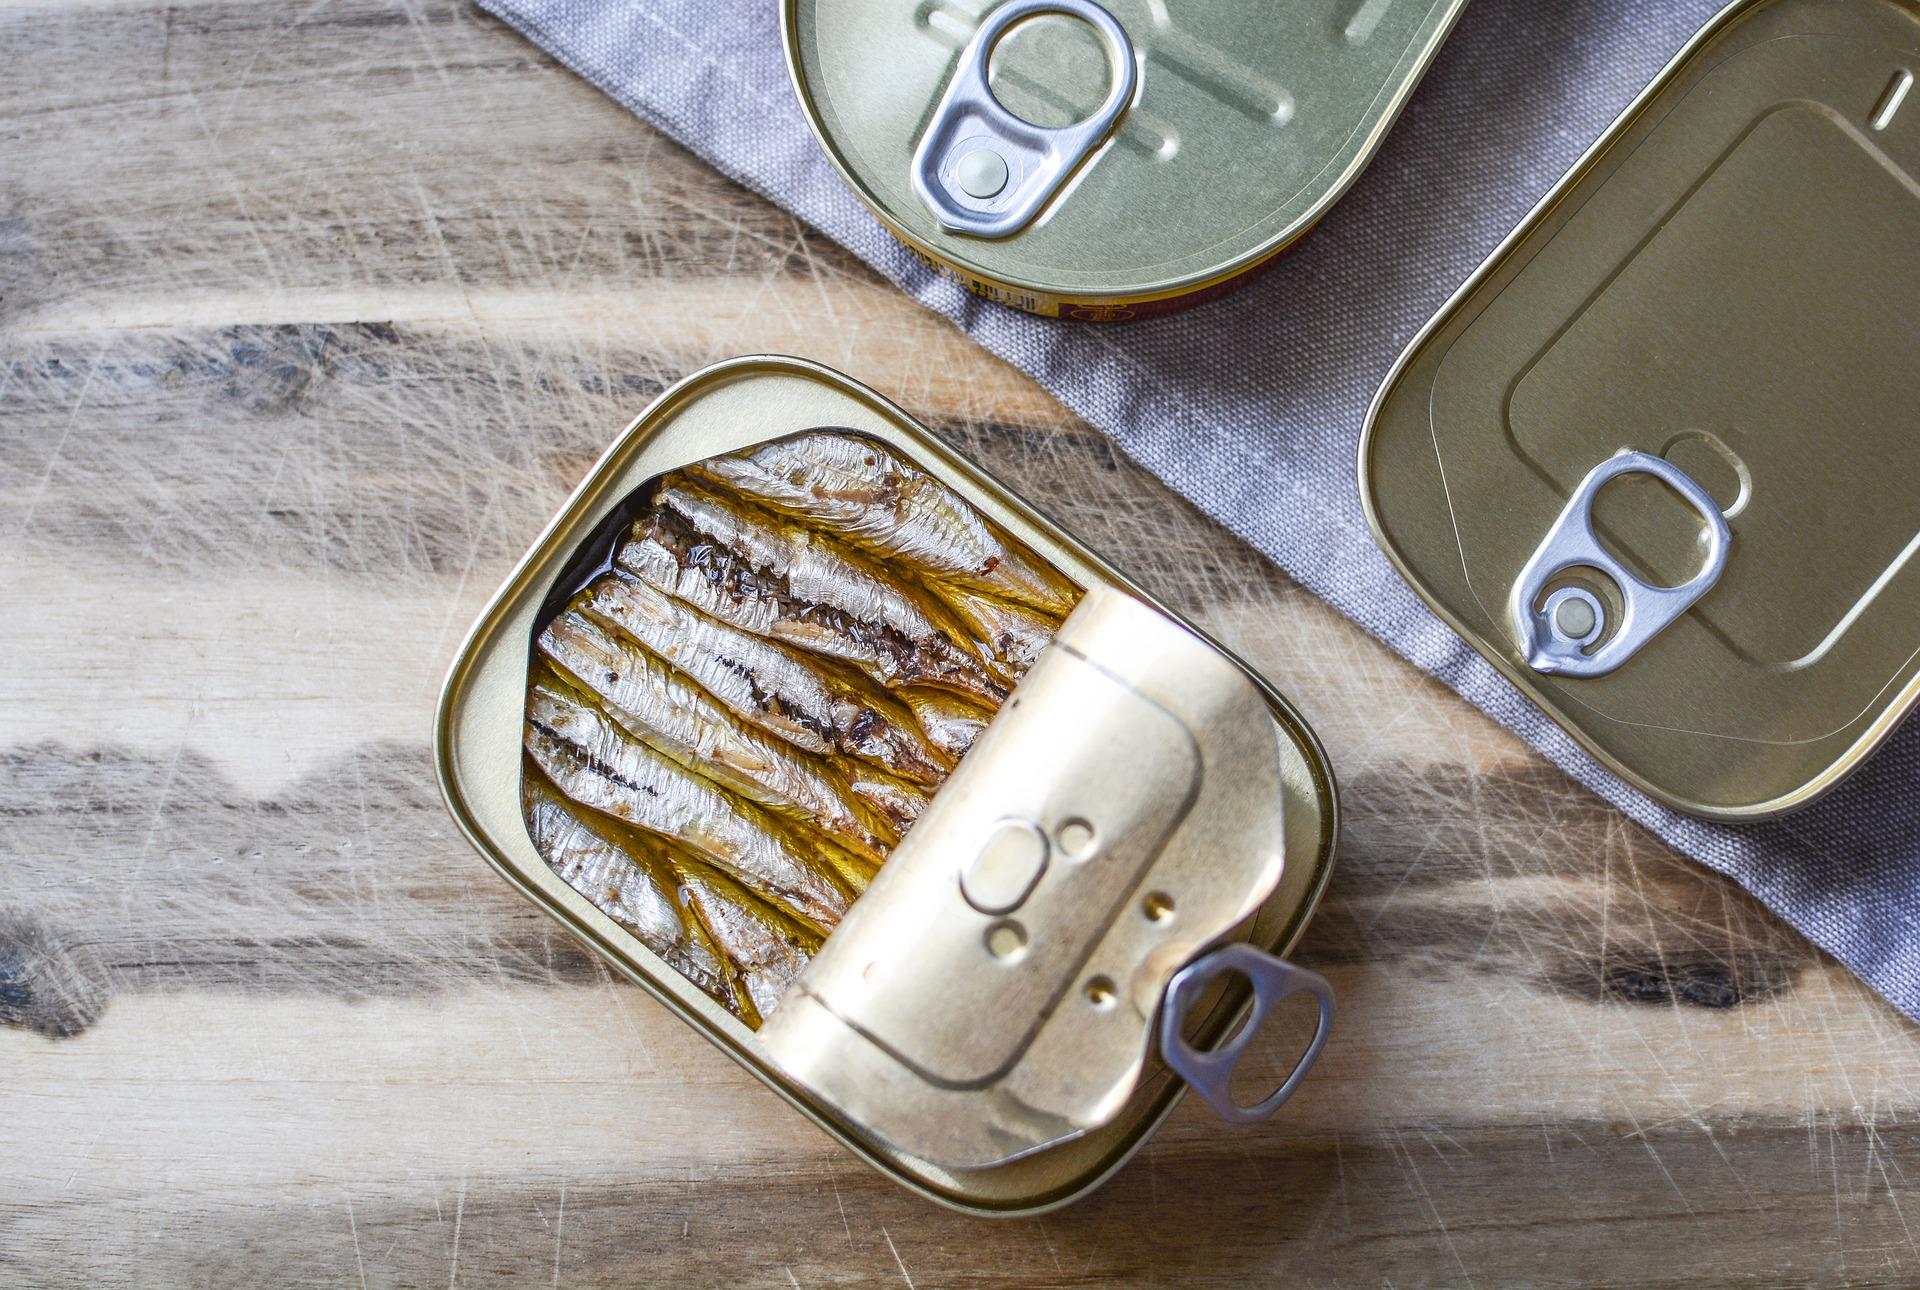 Savjet nutricionista: koja riba iz konzerve je najzdravija?